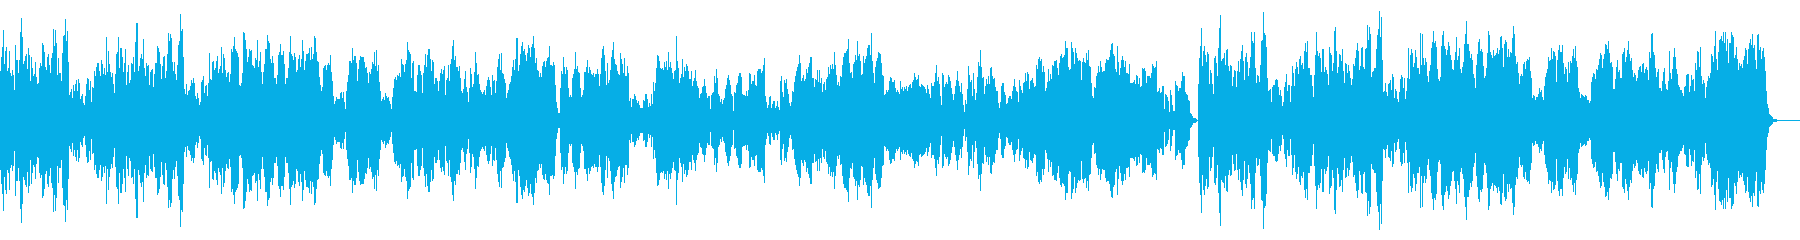 BWV1070/4『メヌエット・トリオ』の再生済みの波形